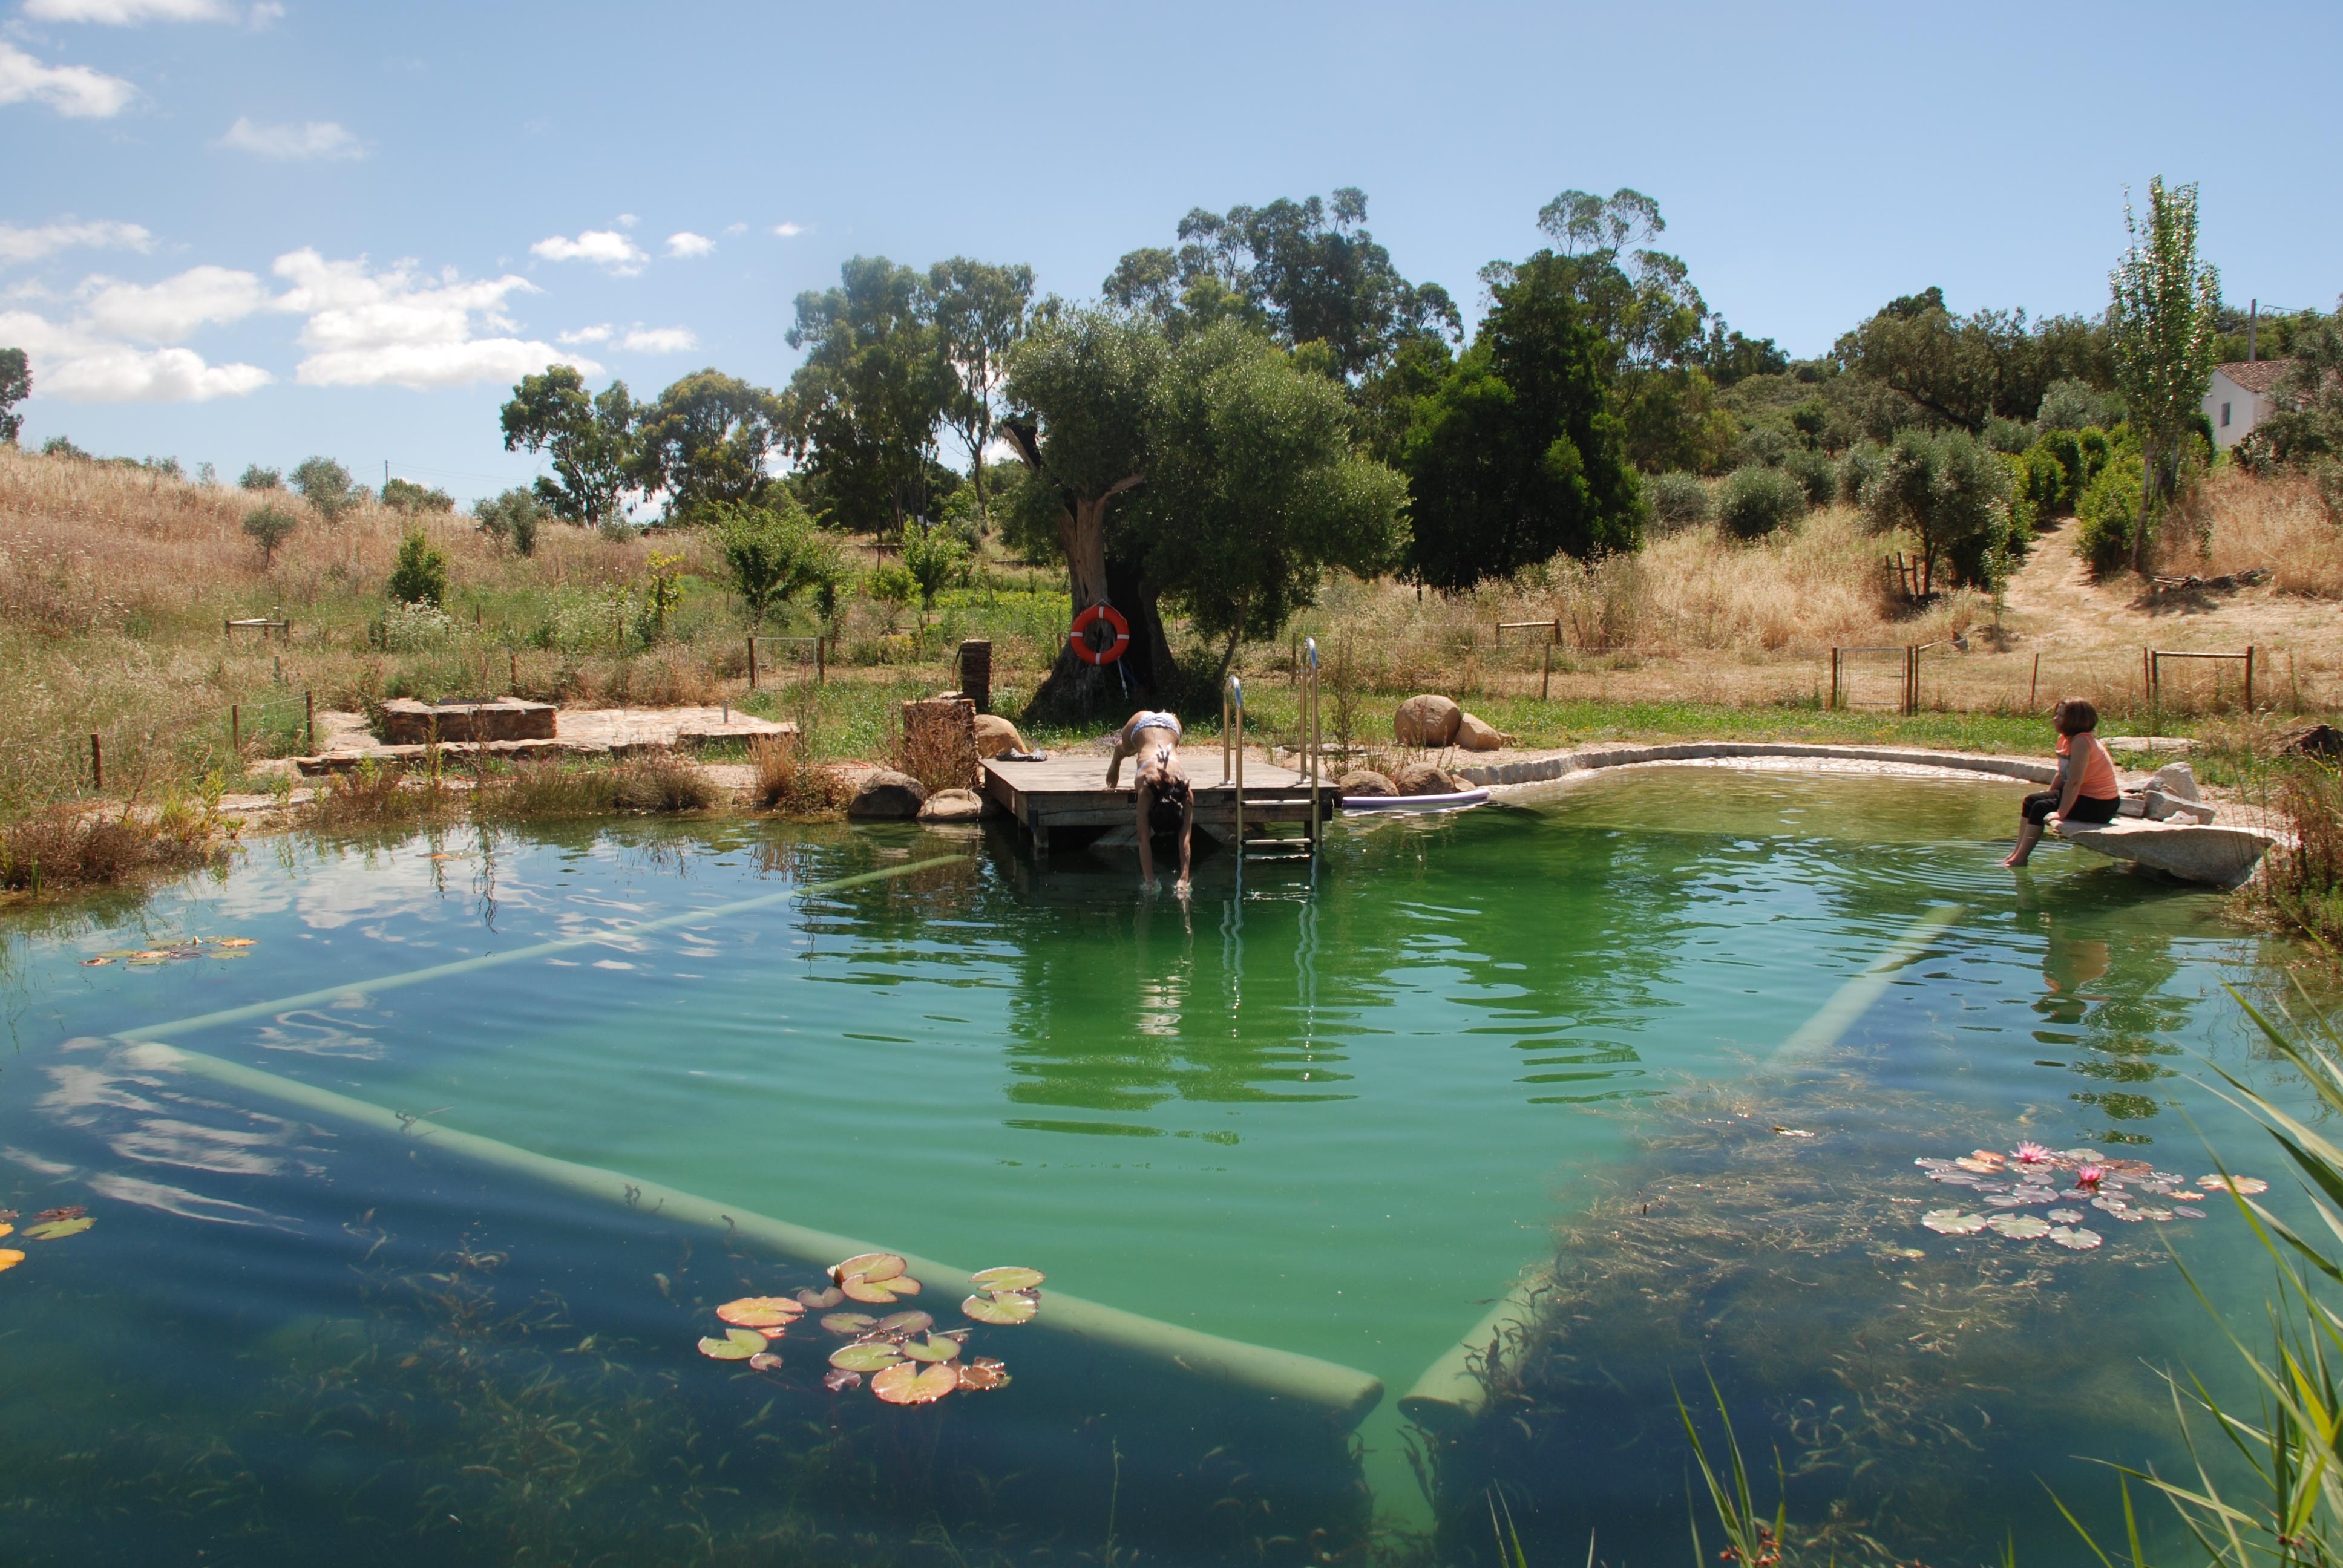 Gallery piscinas biol gicas for Piscinas biologicas